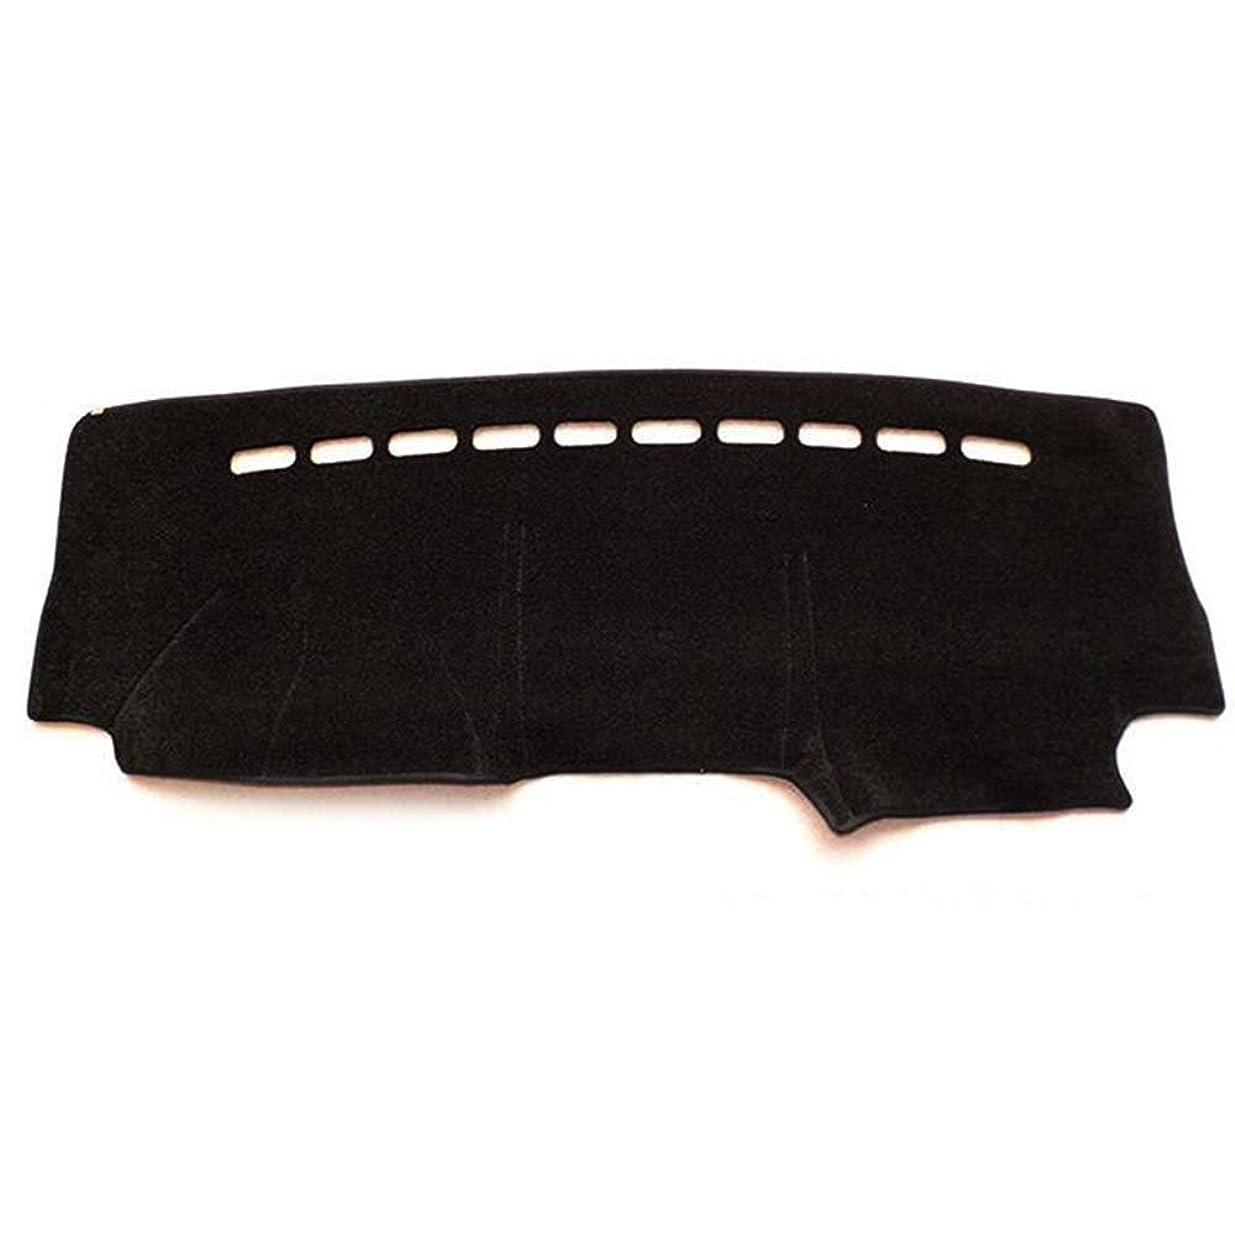 装置恐怖症尊敬するJicorzo - For 1998-2017 Suzuki Jimny Dashboard Cover Dashmat Dash Mat Pad Sun Shade Carpet Dash Protector Overlays Car Styling Accessories